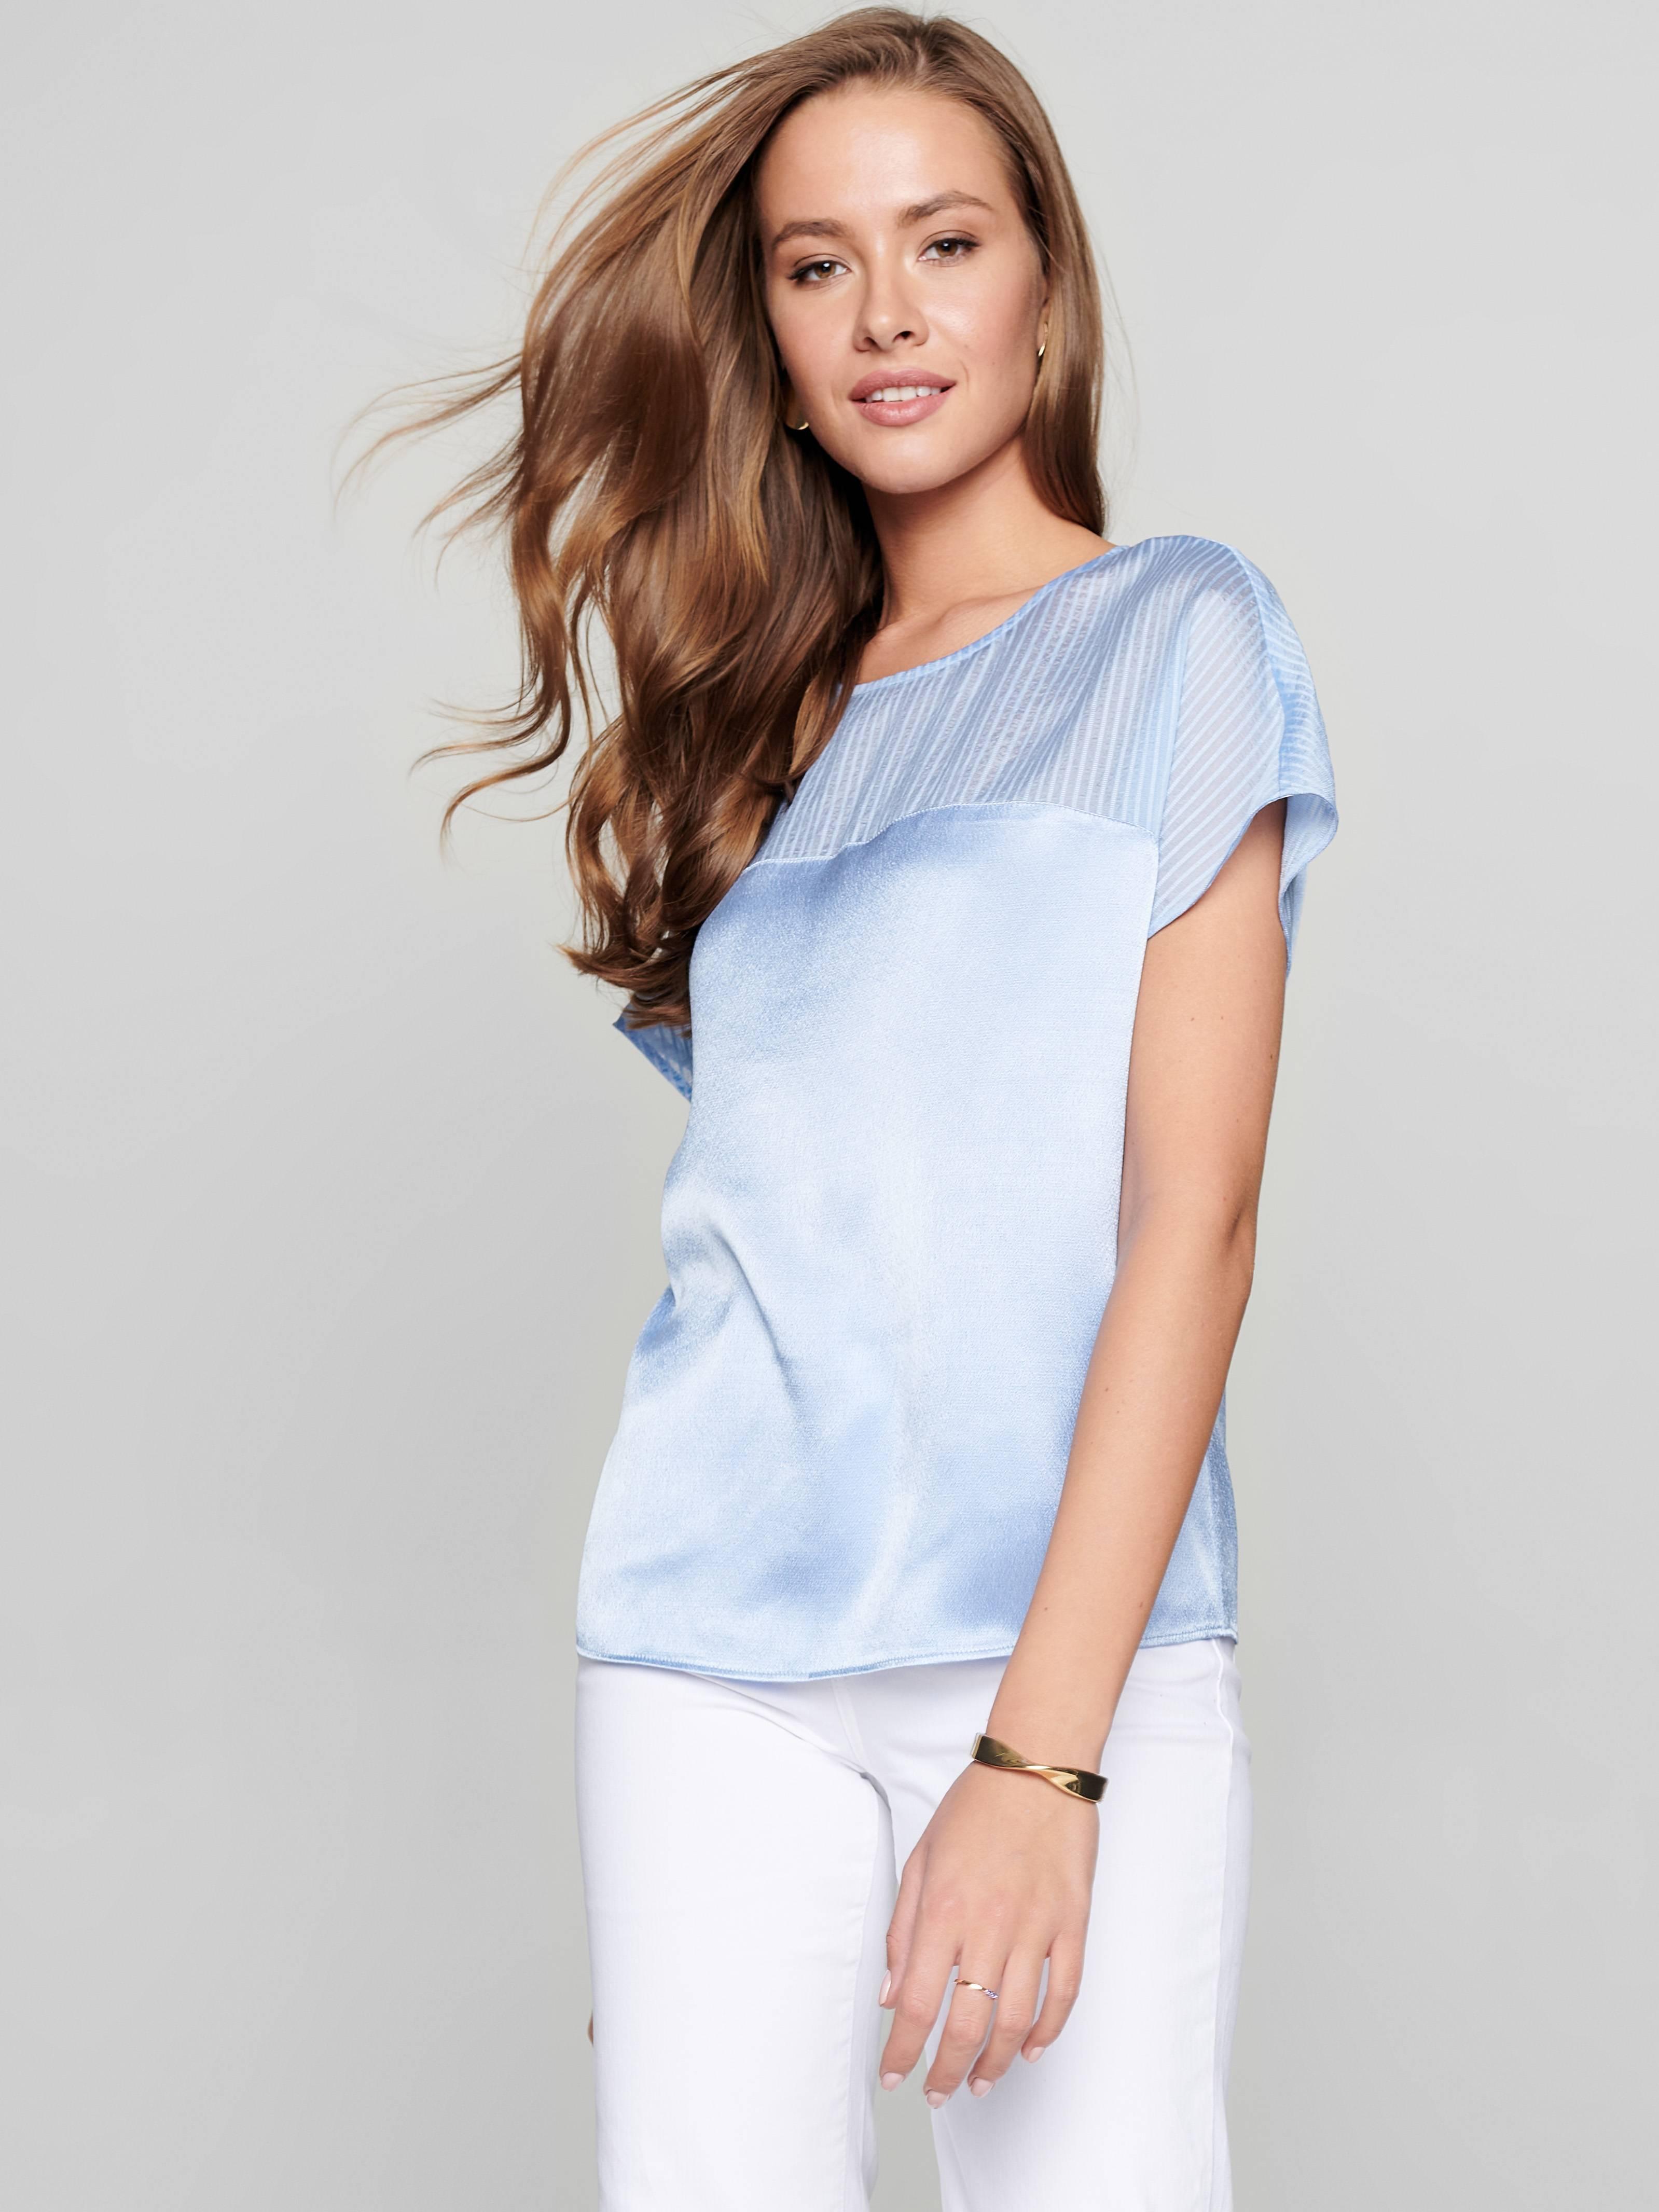 Блузка женская ⭐️ Блузка с легким блеском из вискозы премиального качества